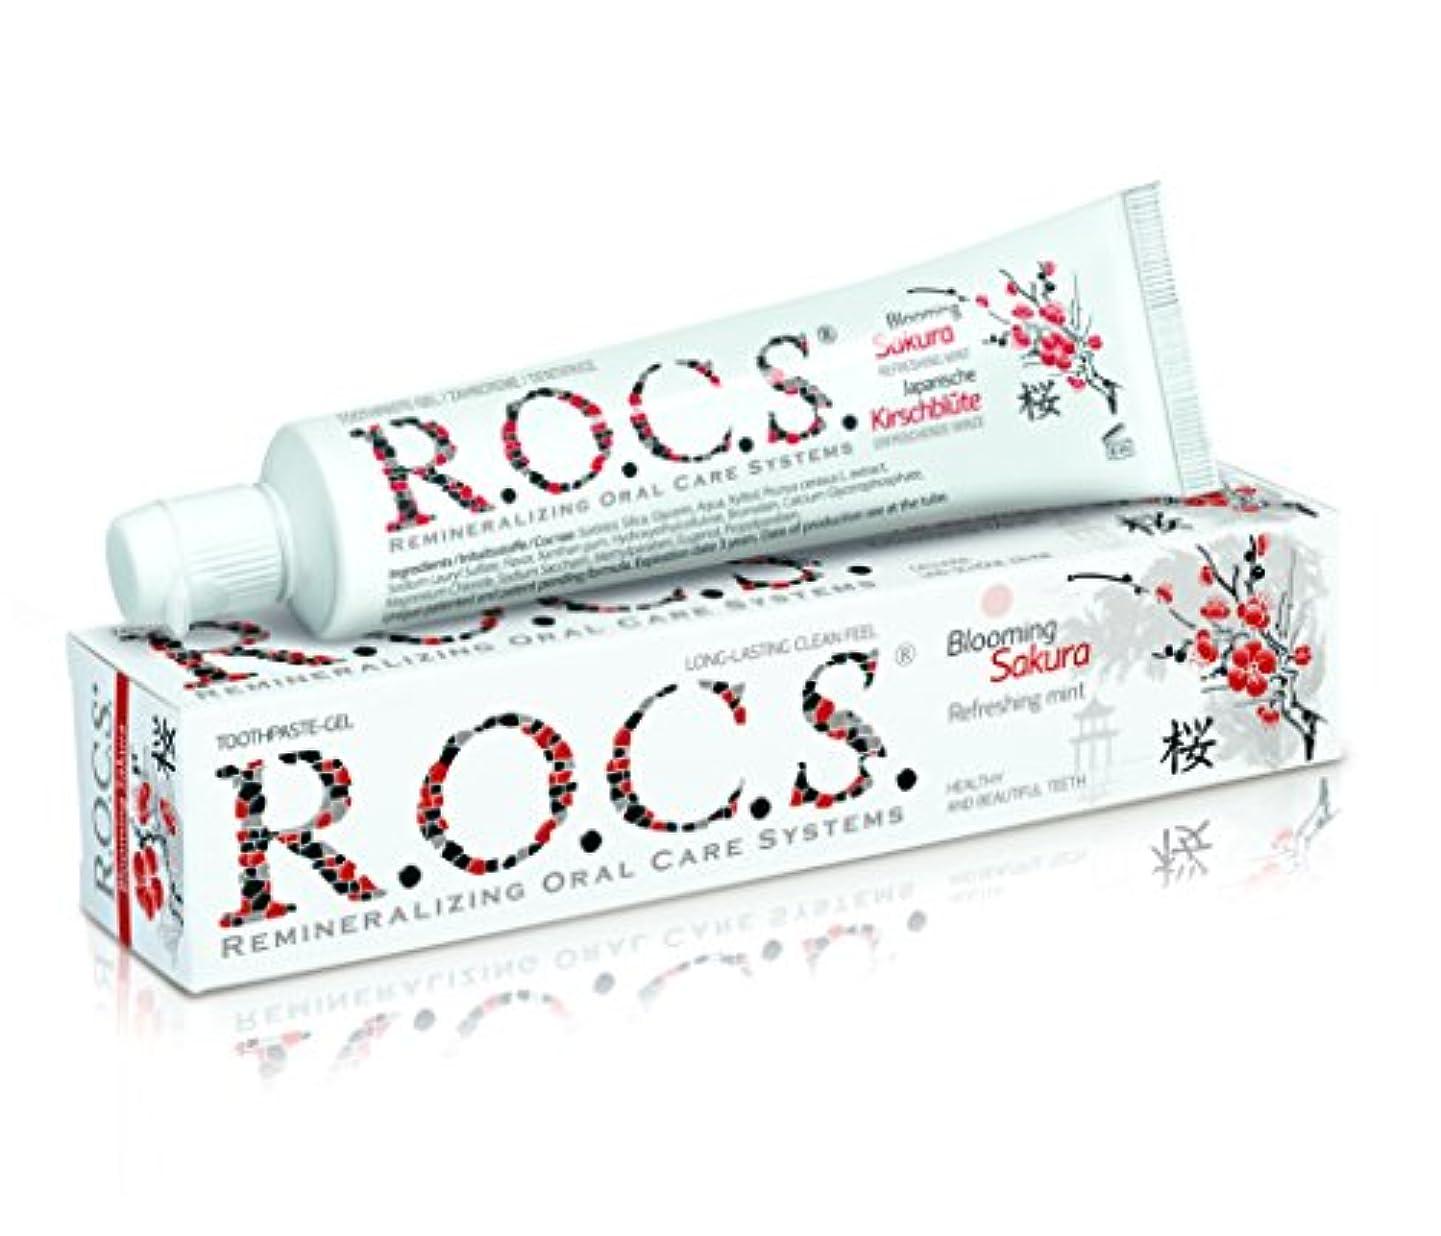 口実プリーツ薬局R.O.C.S. ロックス歯磨き粉 ブルーミング サクラ